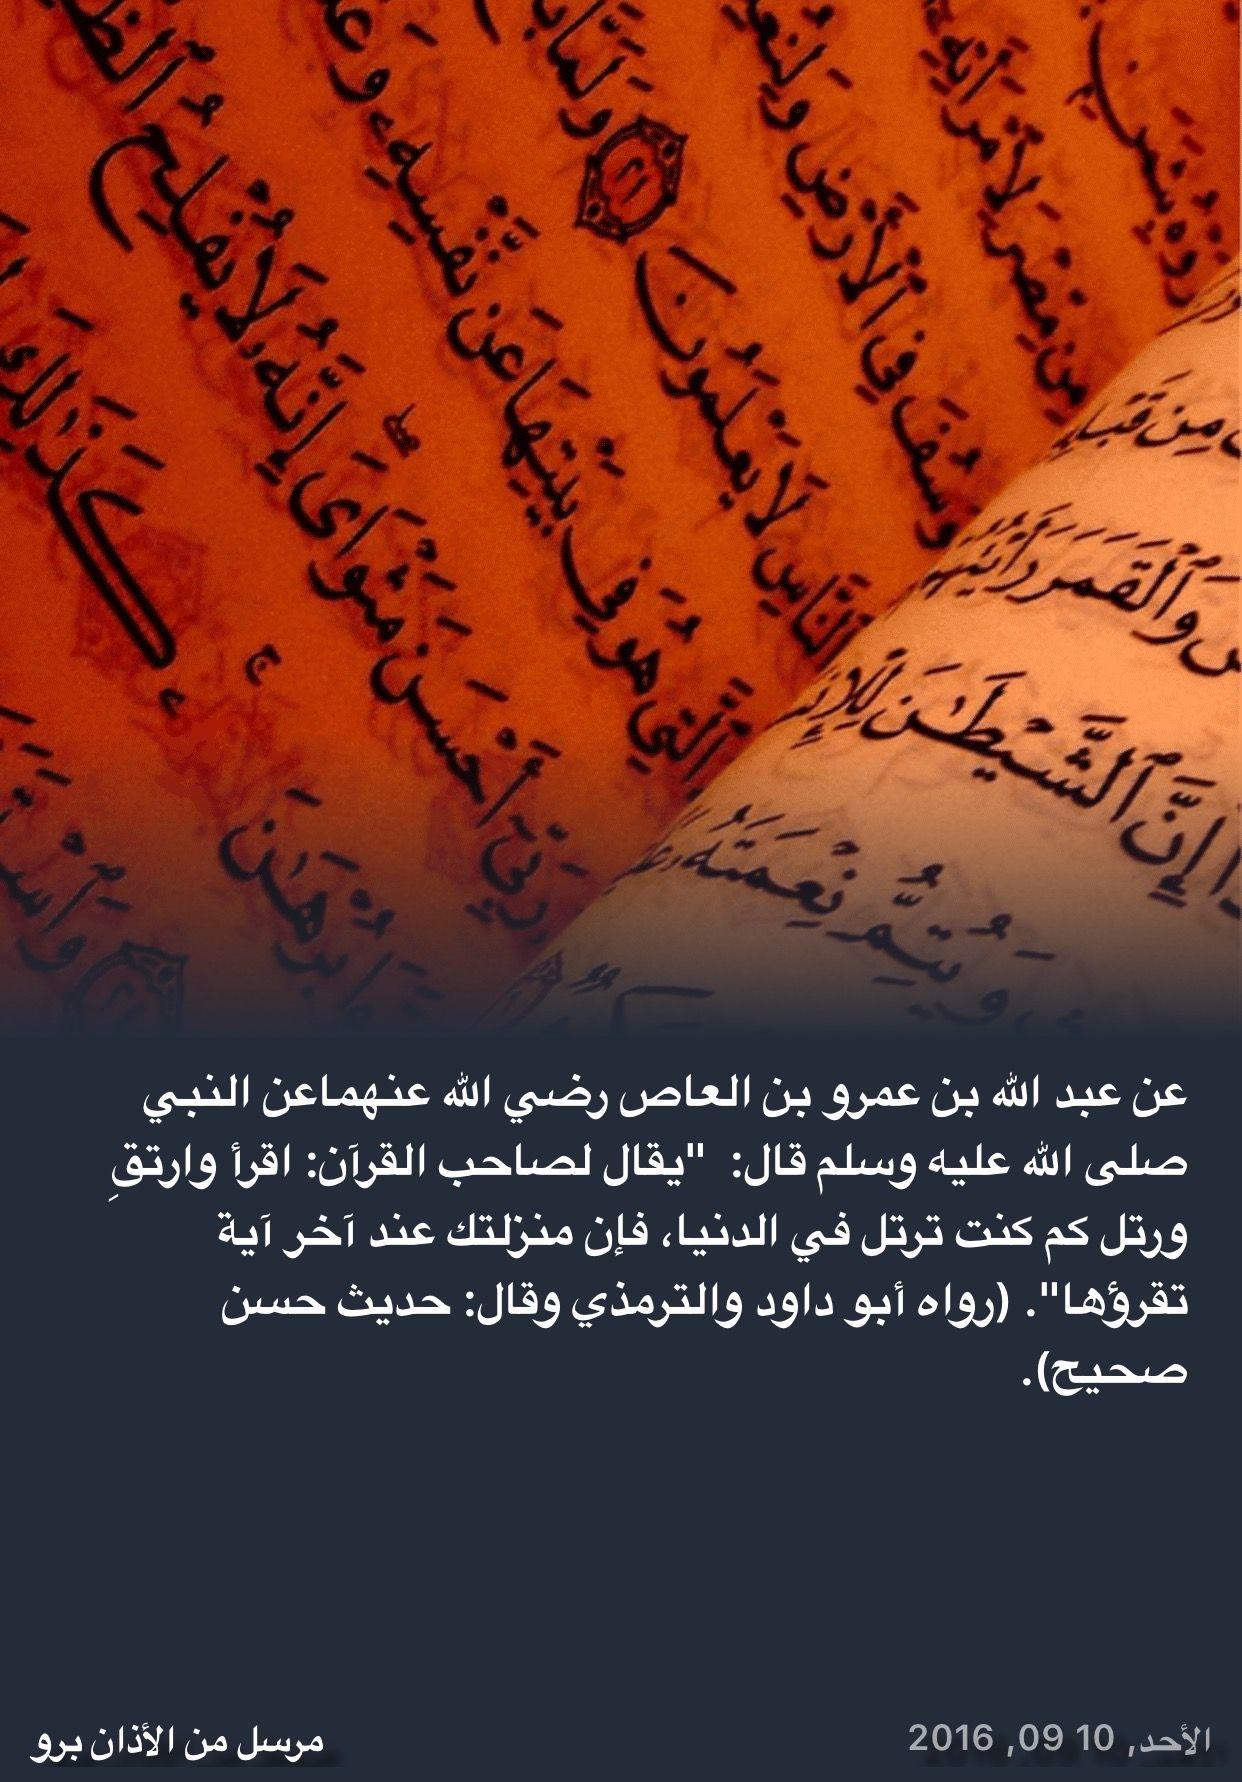 من هدي النبي صلى الله عليه وسلم Movie Posters Islam